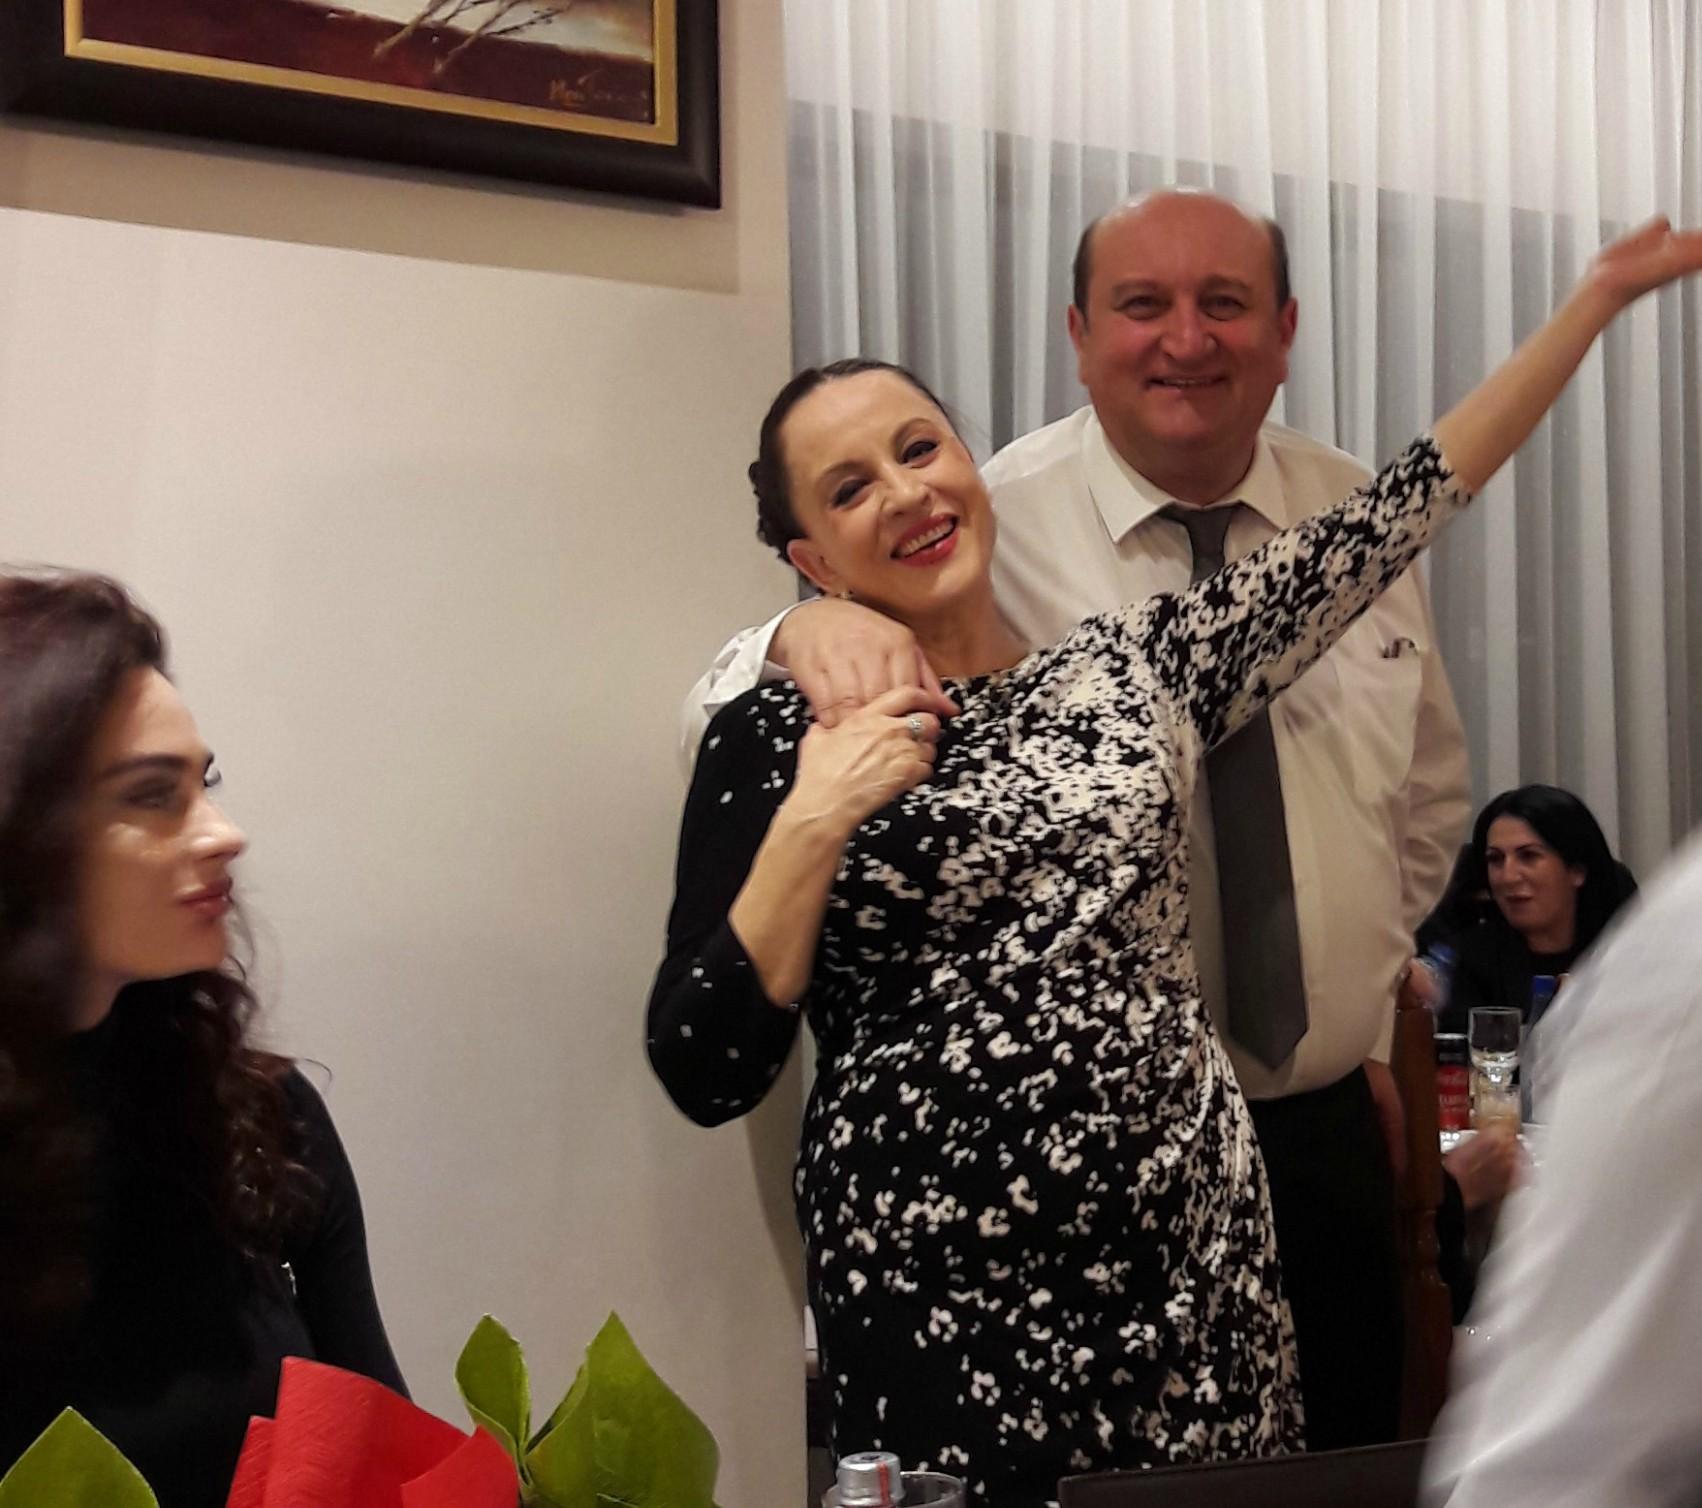 Maria Dragomiroiu nu se gândește la retragere: «Nici nu-mi trece prin cap. Iubesc ceea ce fac»